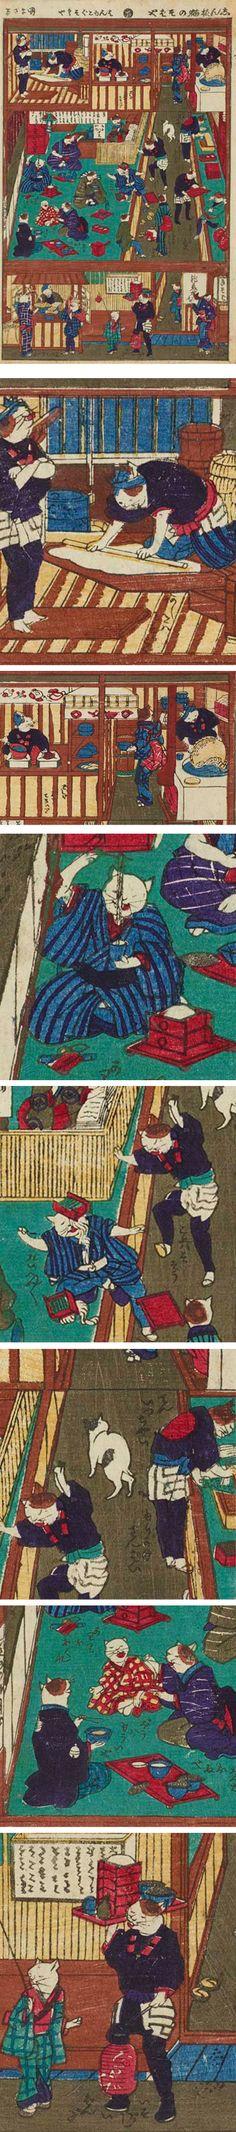 明治6年に描かれた、ねこのそば屋さんの浮世絵 〜 四代歌川国政「志ん板猫のそばや」より